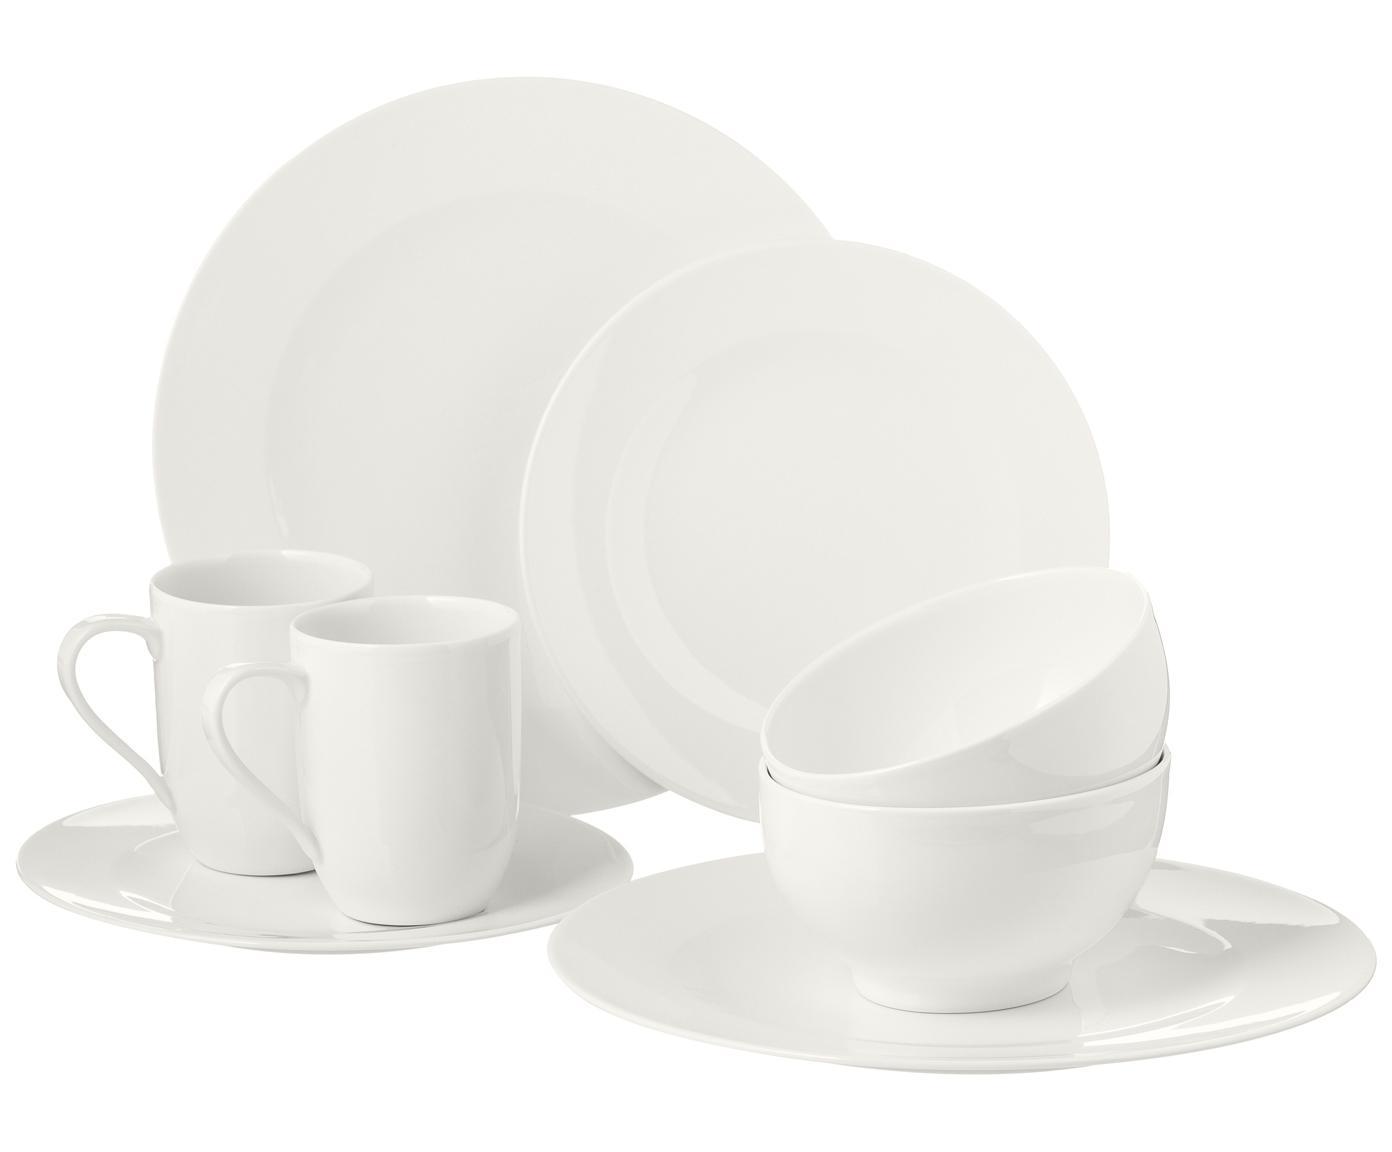 Komplet naczyń z porcelany For Me, 16 elem., Porcelana, Złamana biel, Różne rozmiary